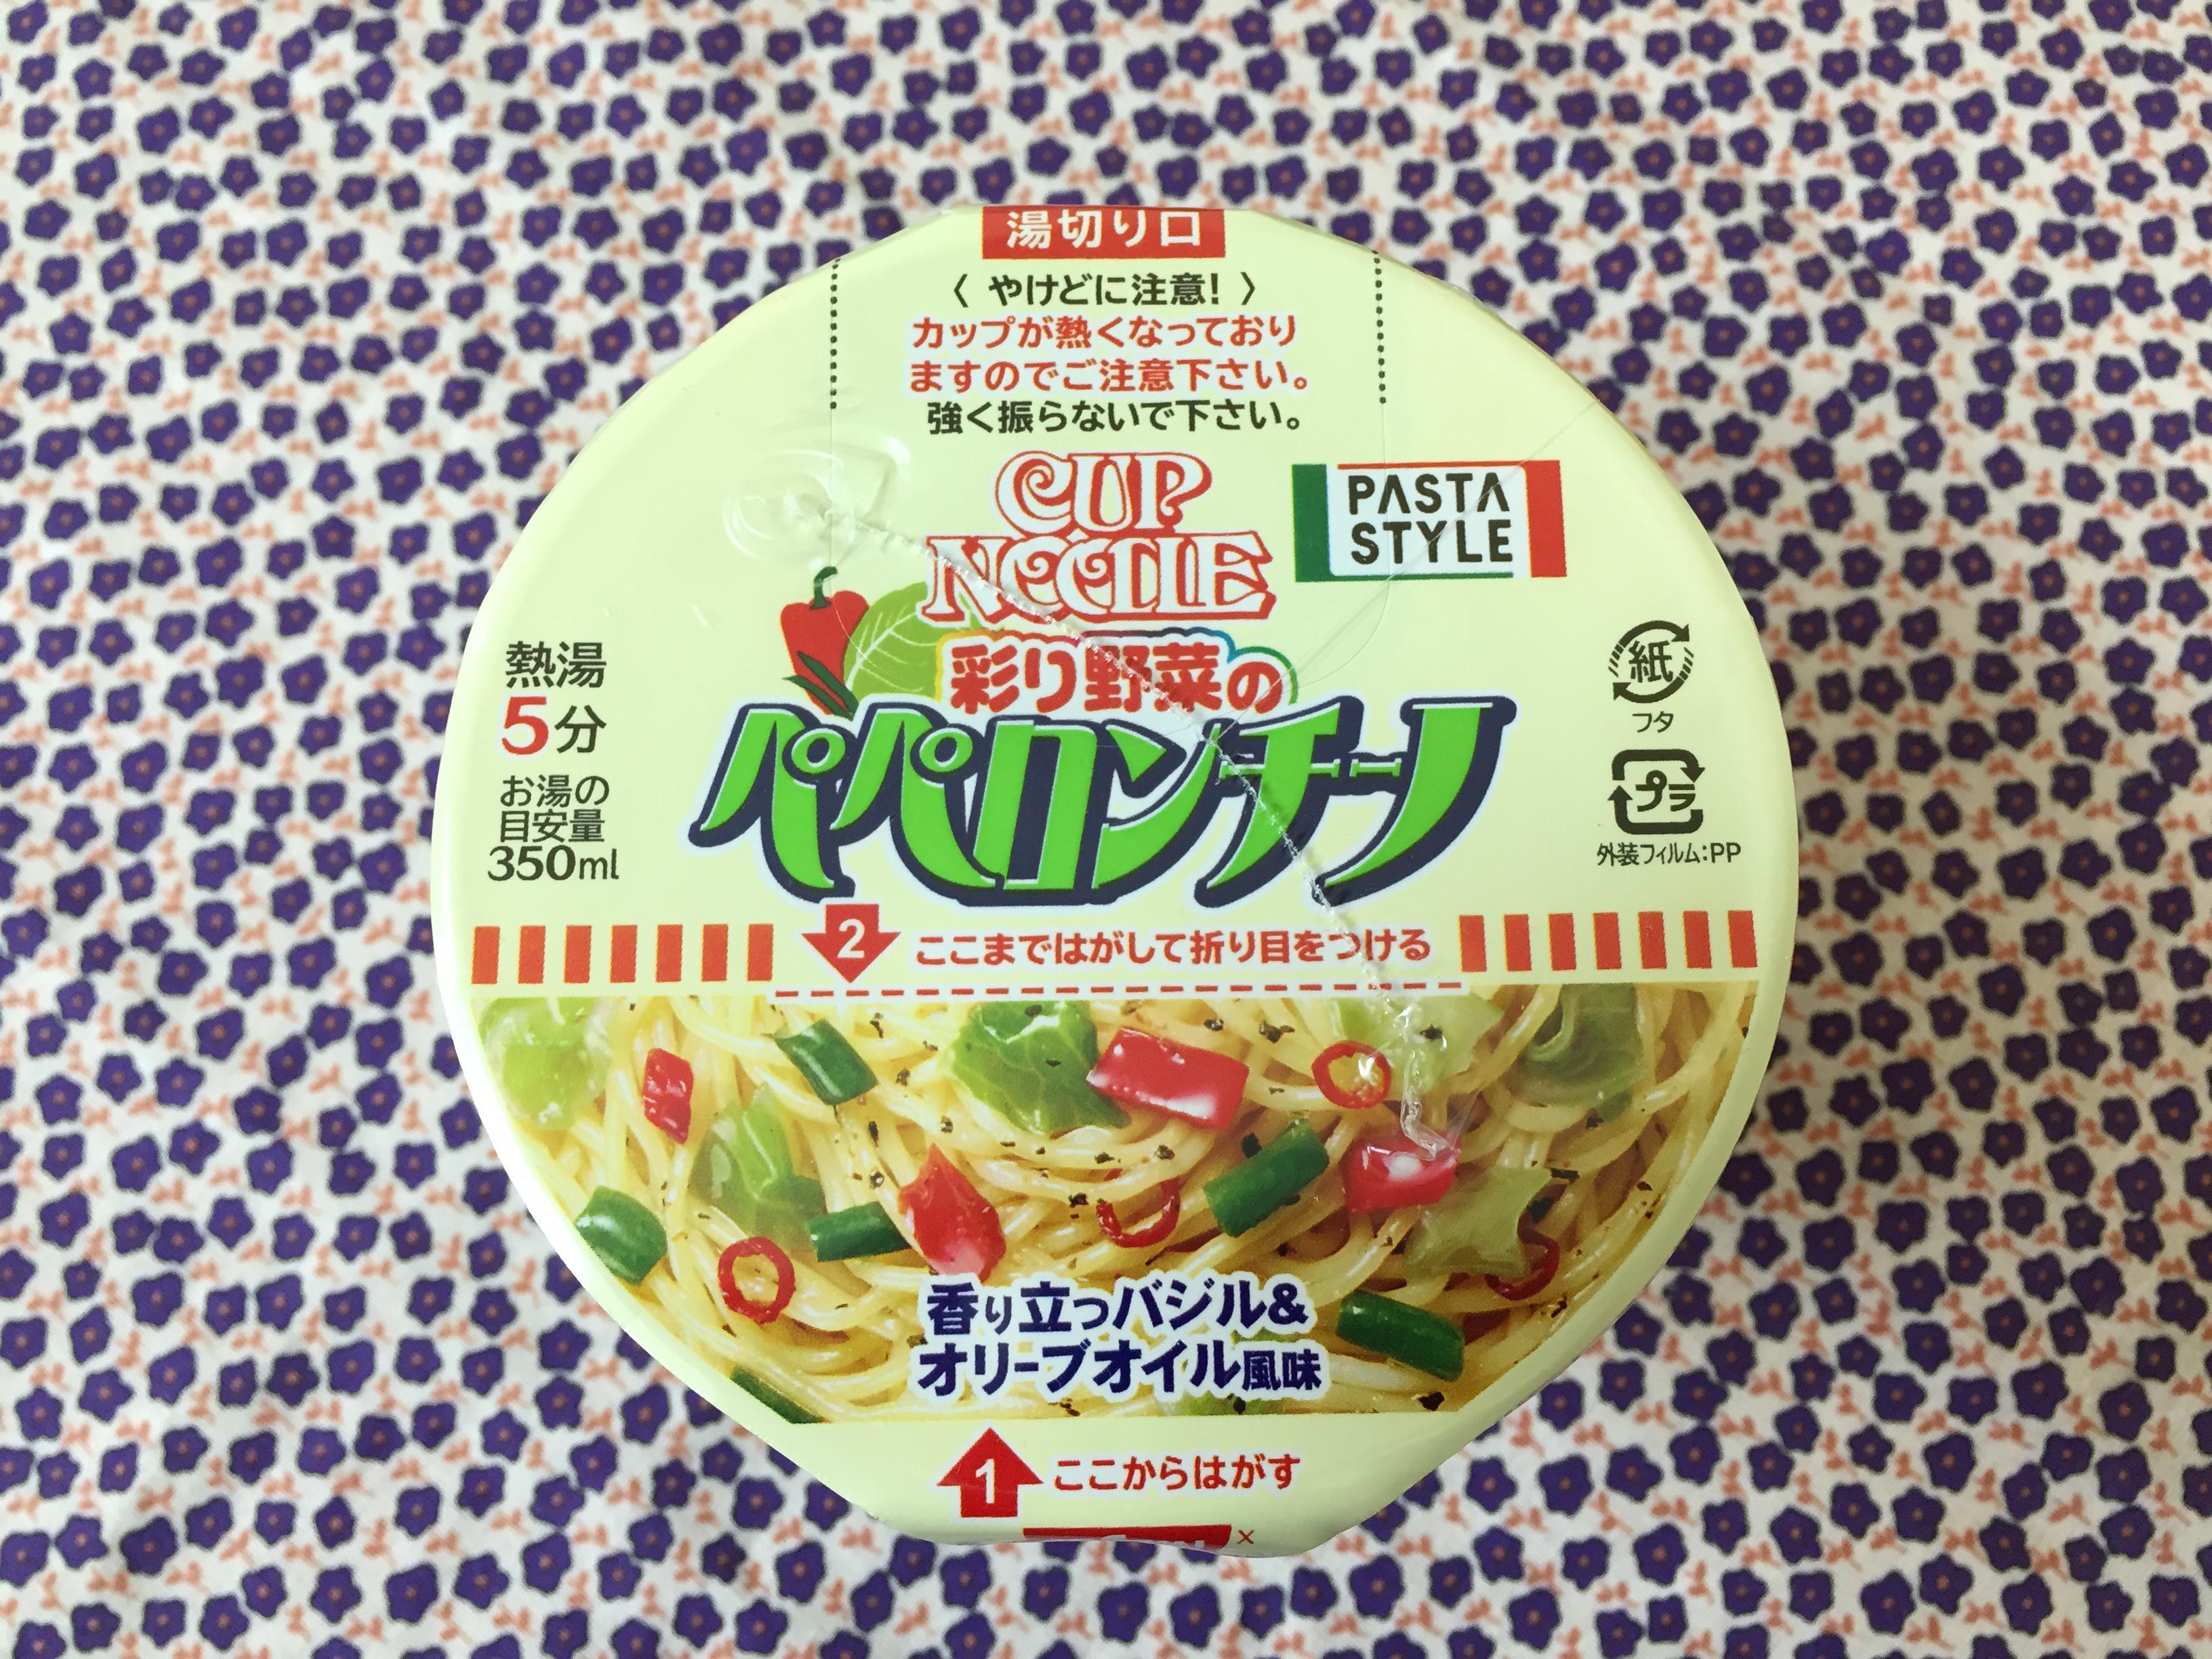 [닛신] CUP NOODLE 彩り野菜のペペロンチーノ